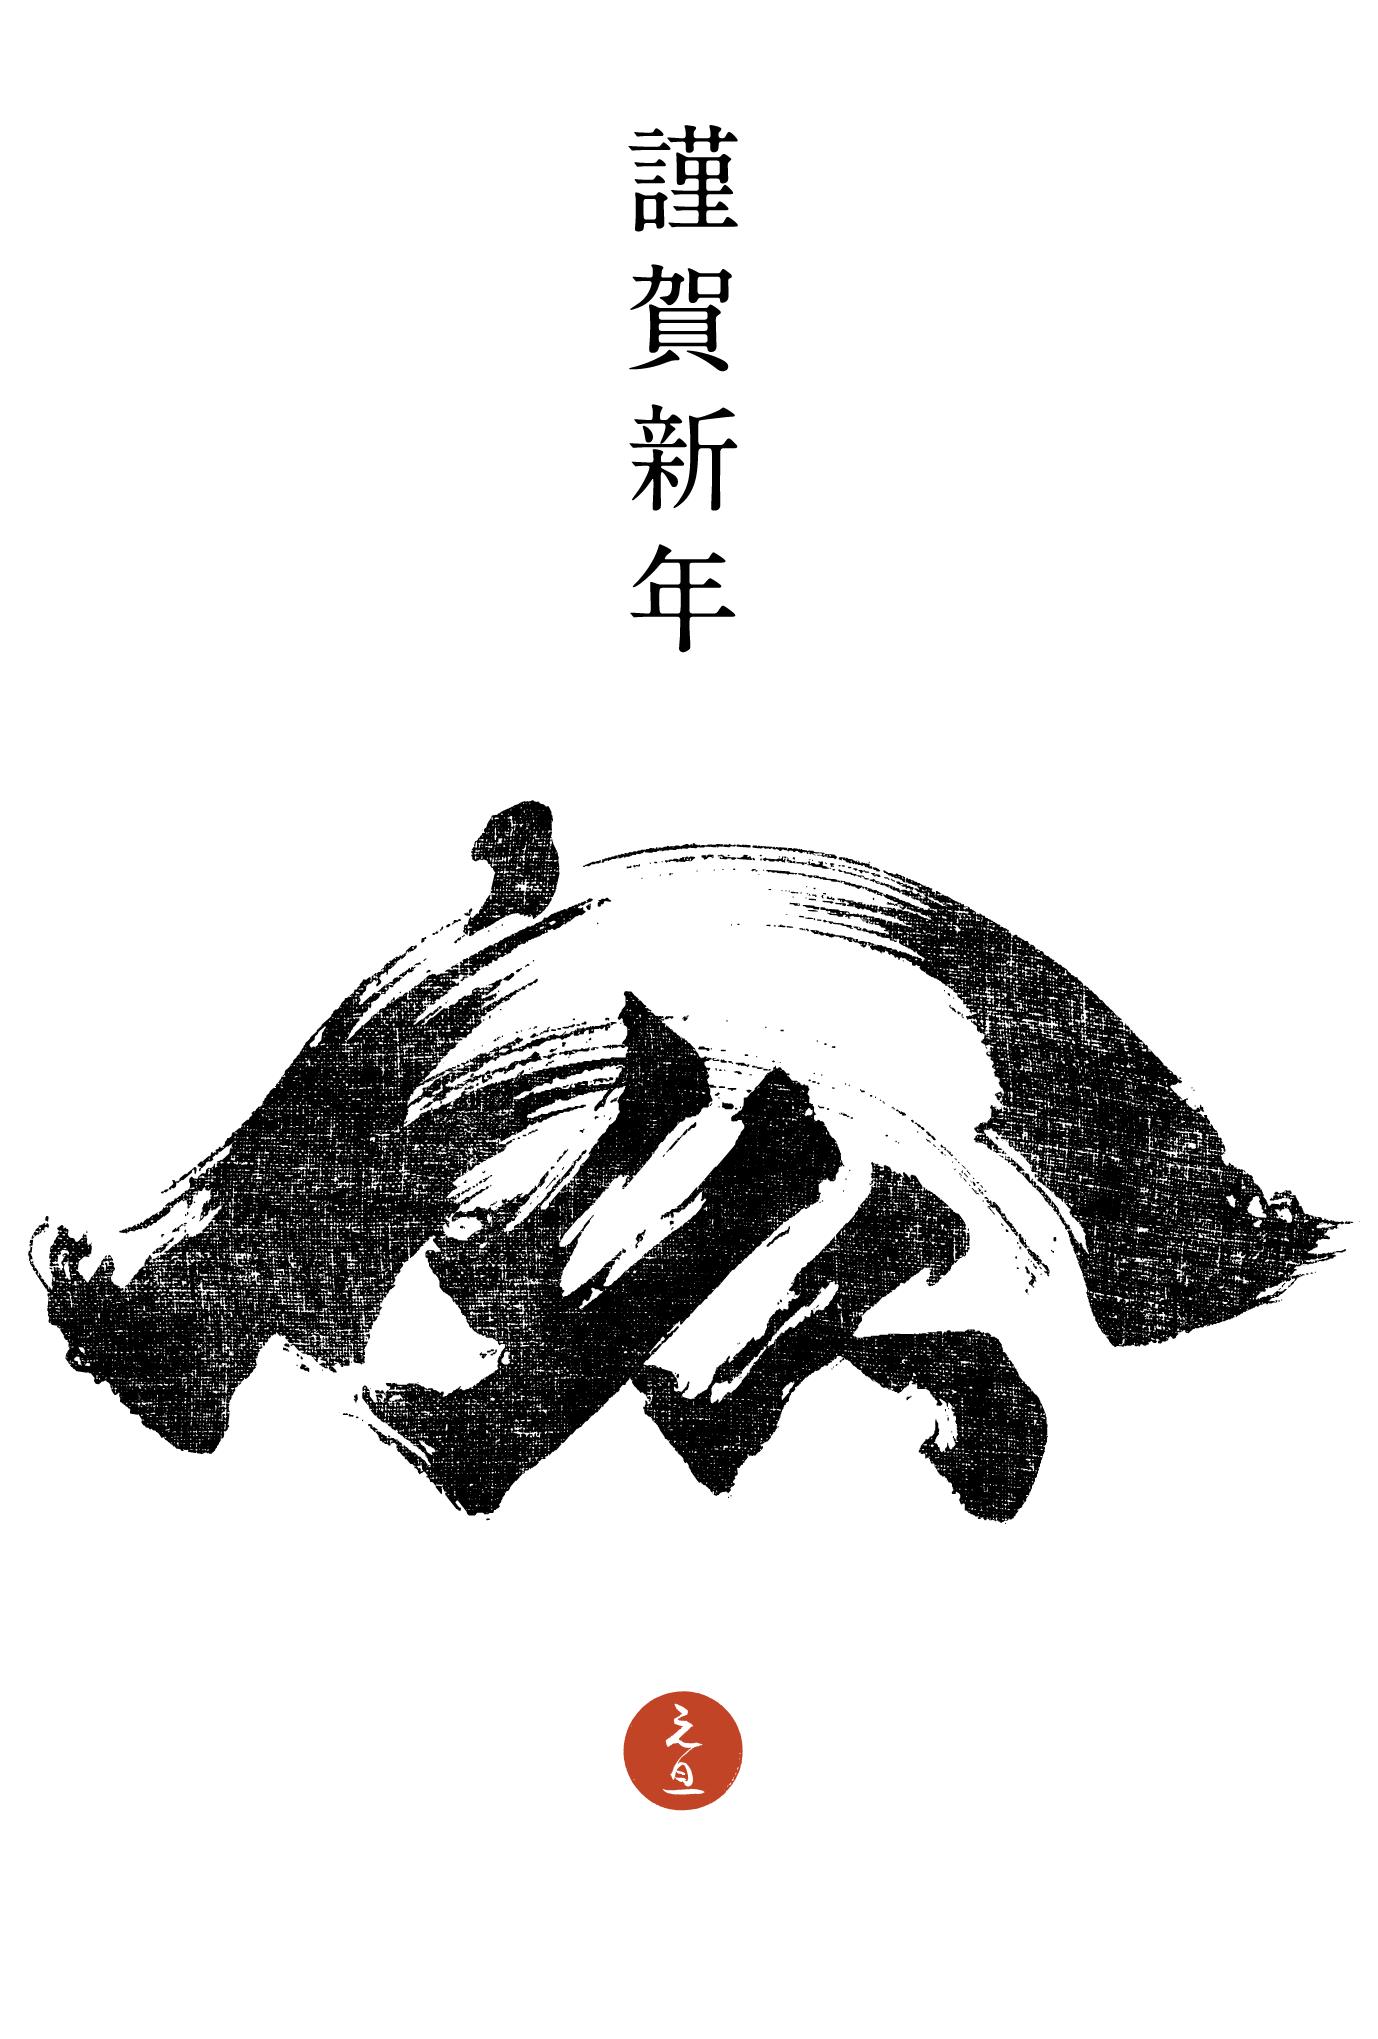 2019年賀状09-2:亥 Calligraphy(謹賀黒)縦のダウンロード画像